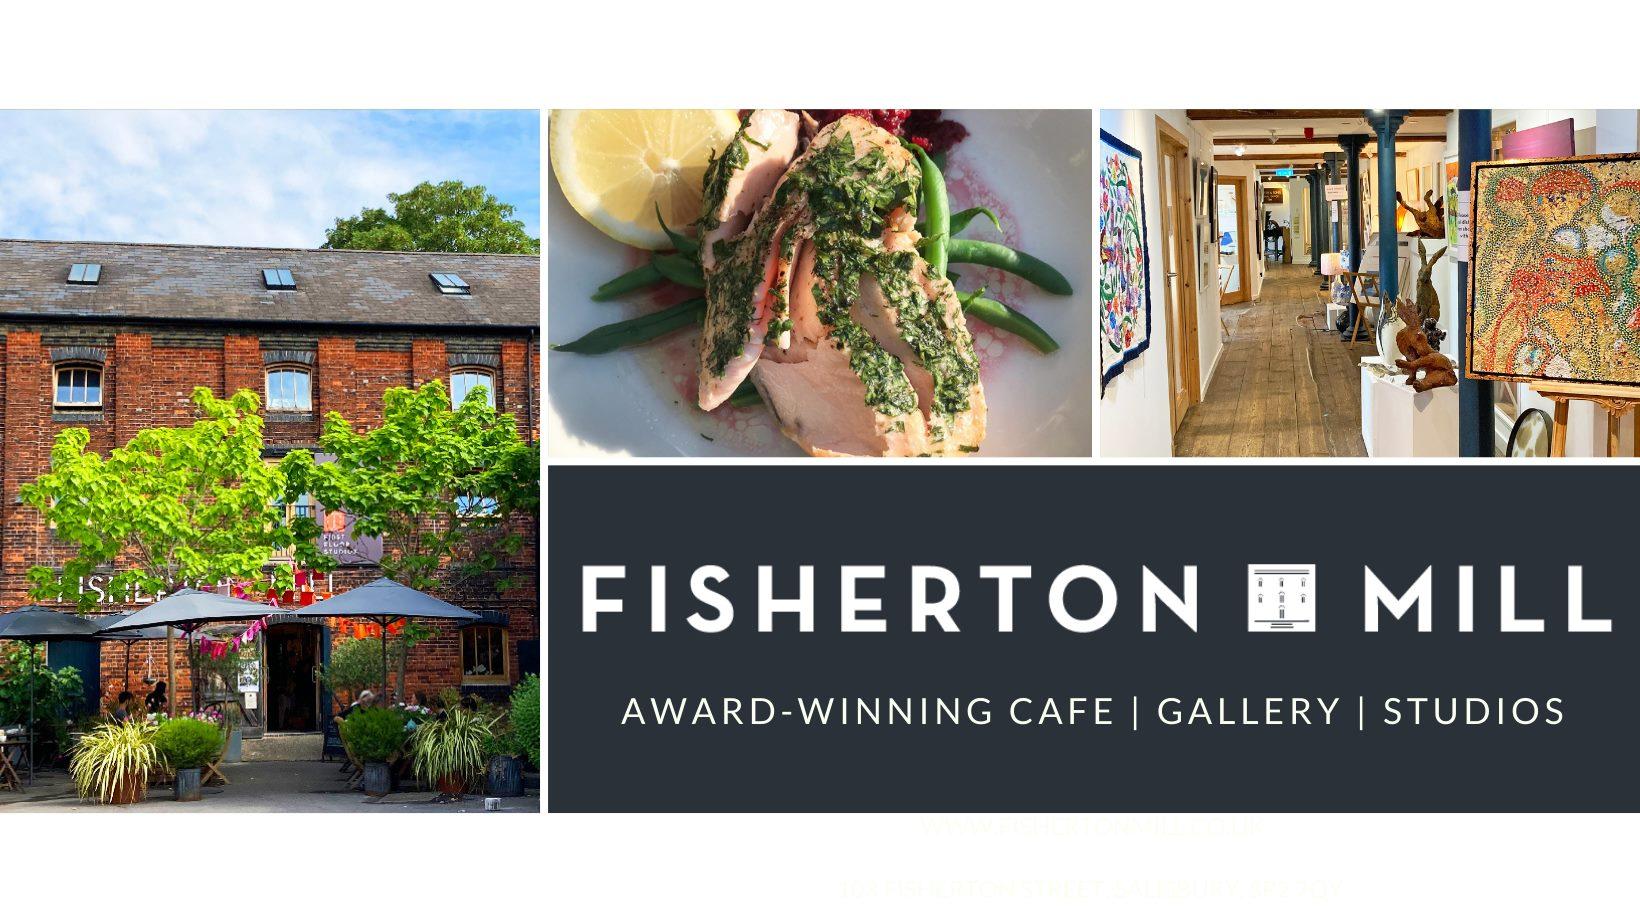 Fisherton Mill